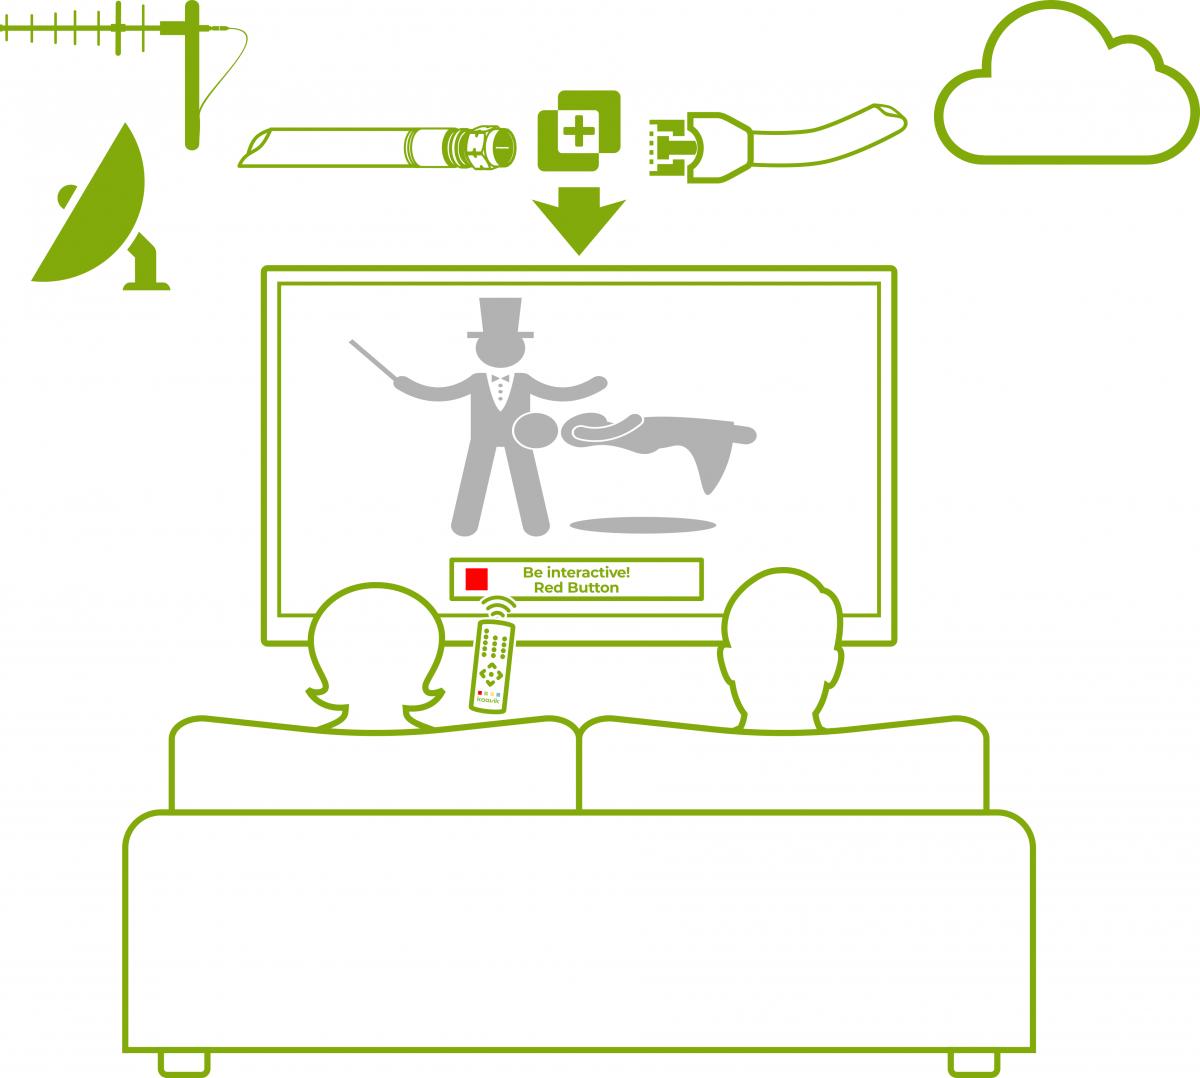 couple sofa hbbtv interactividad TDT koovik